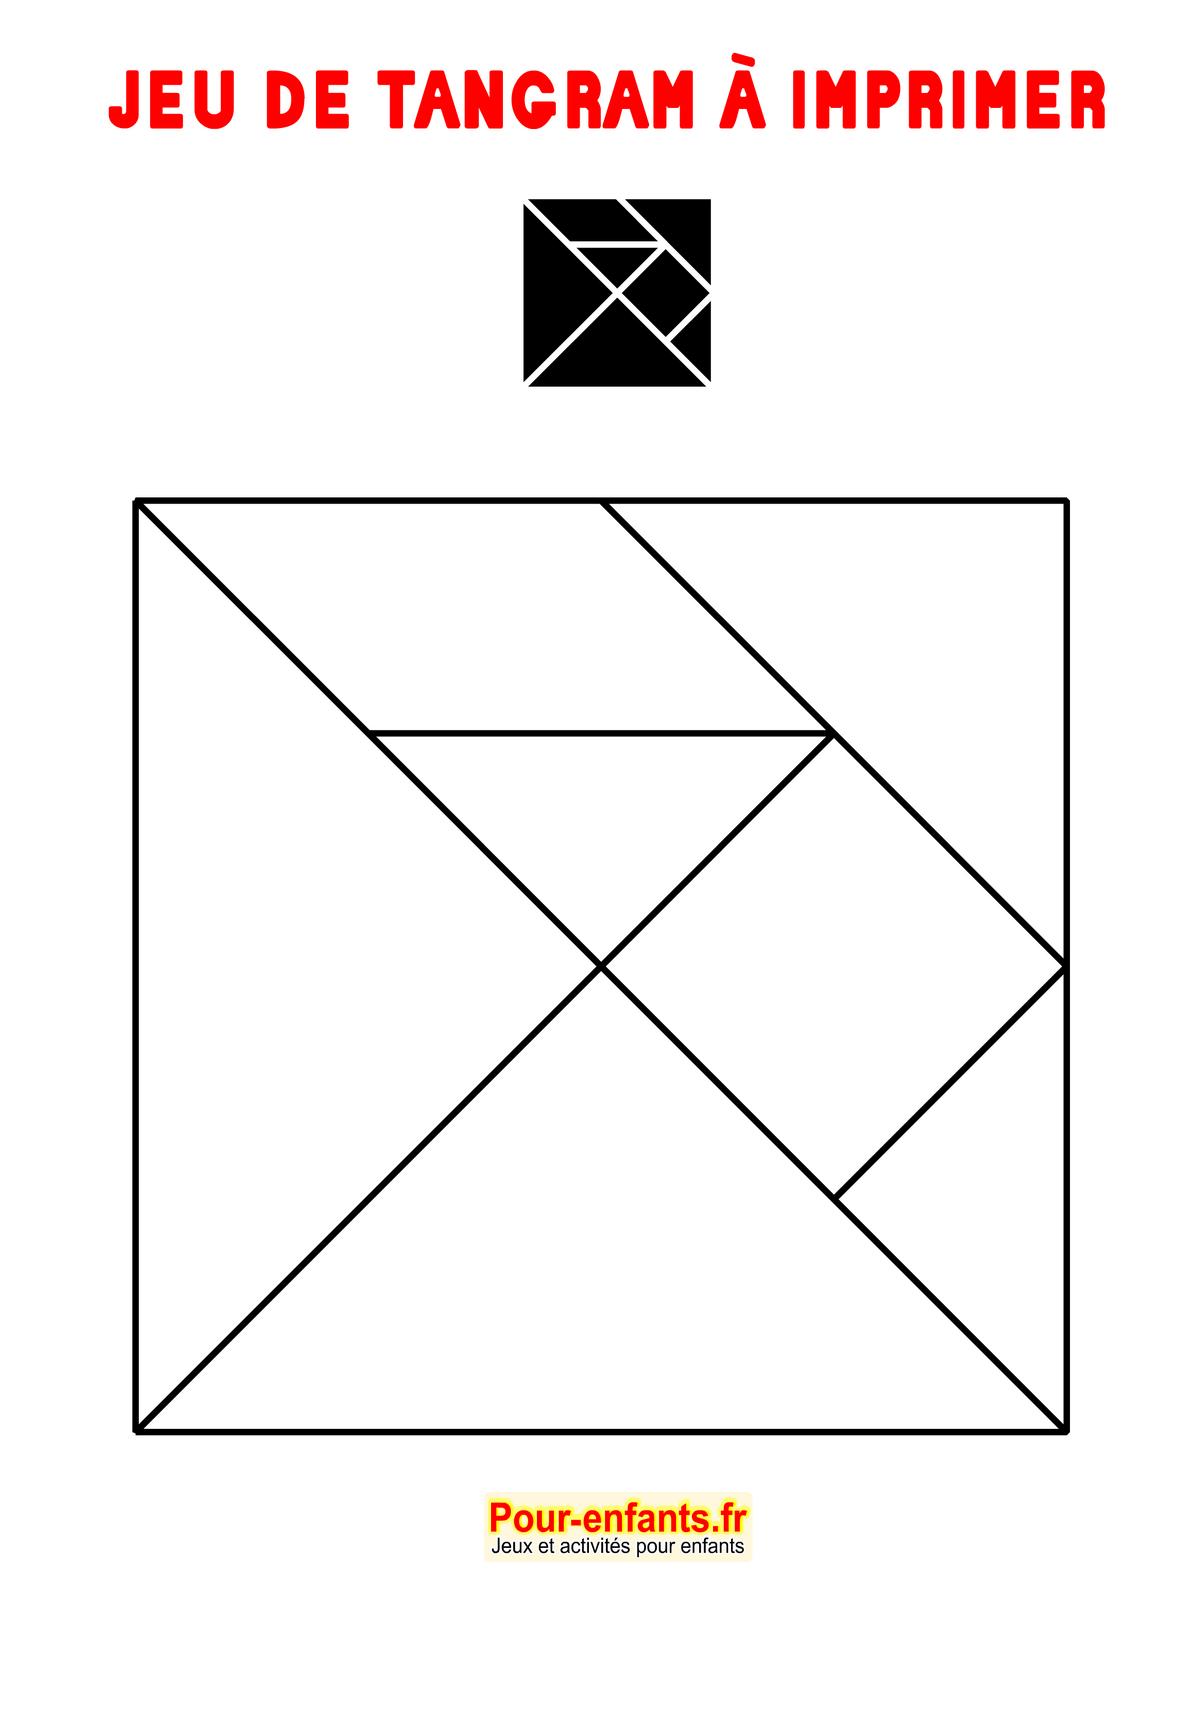 Tangram À Imprimer Maternelle Gratuit Jeux Tangrams pour Jeu De Tangram À Imprimer